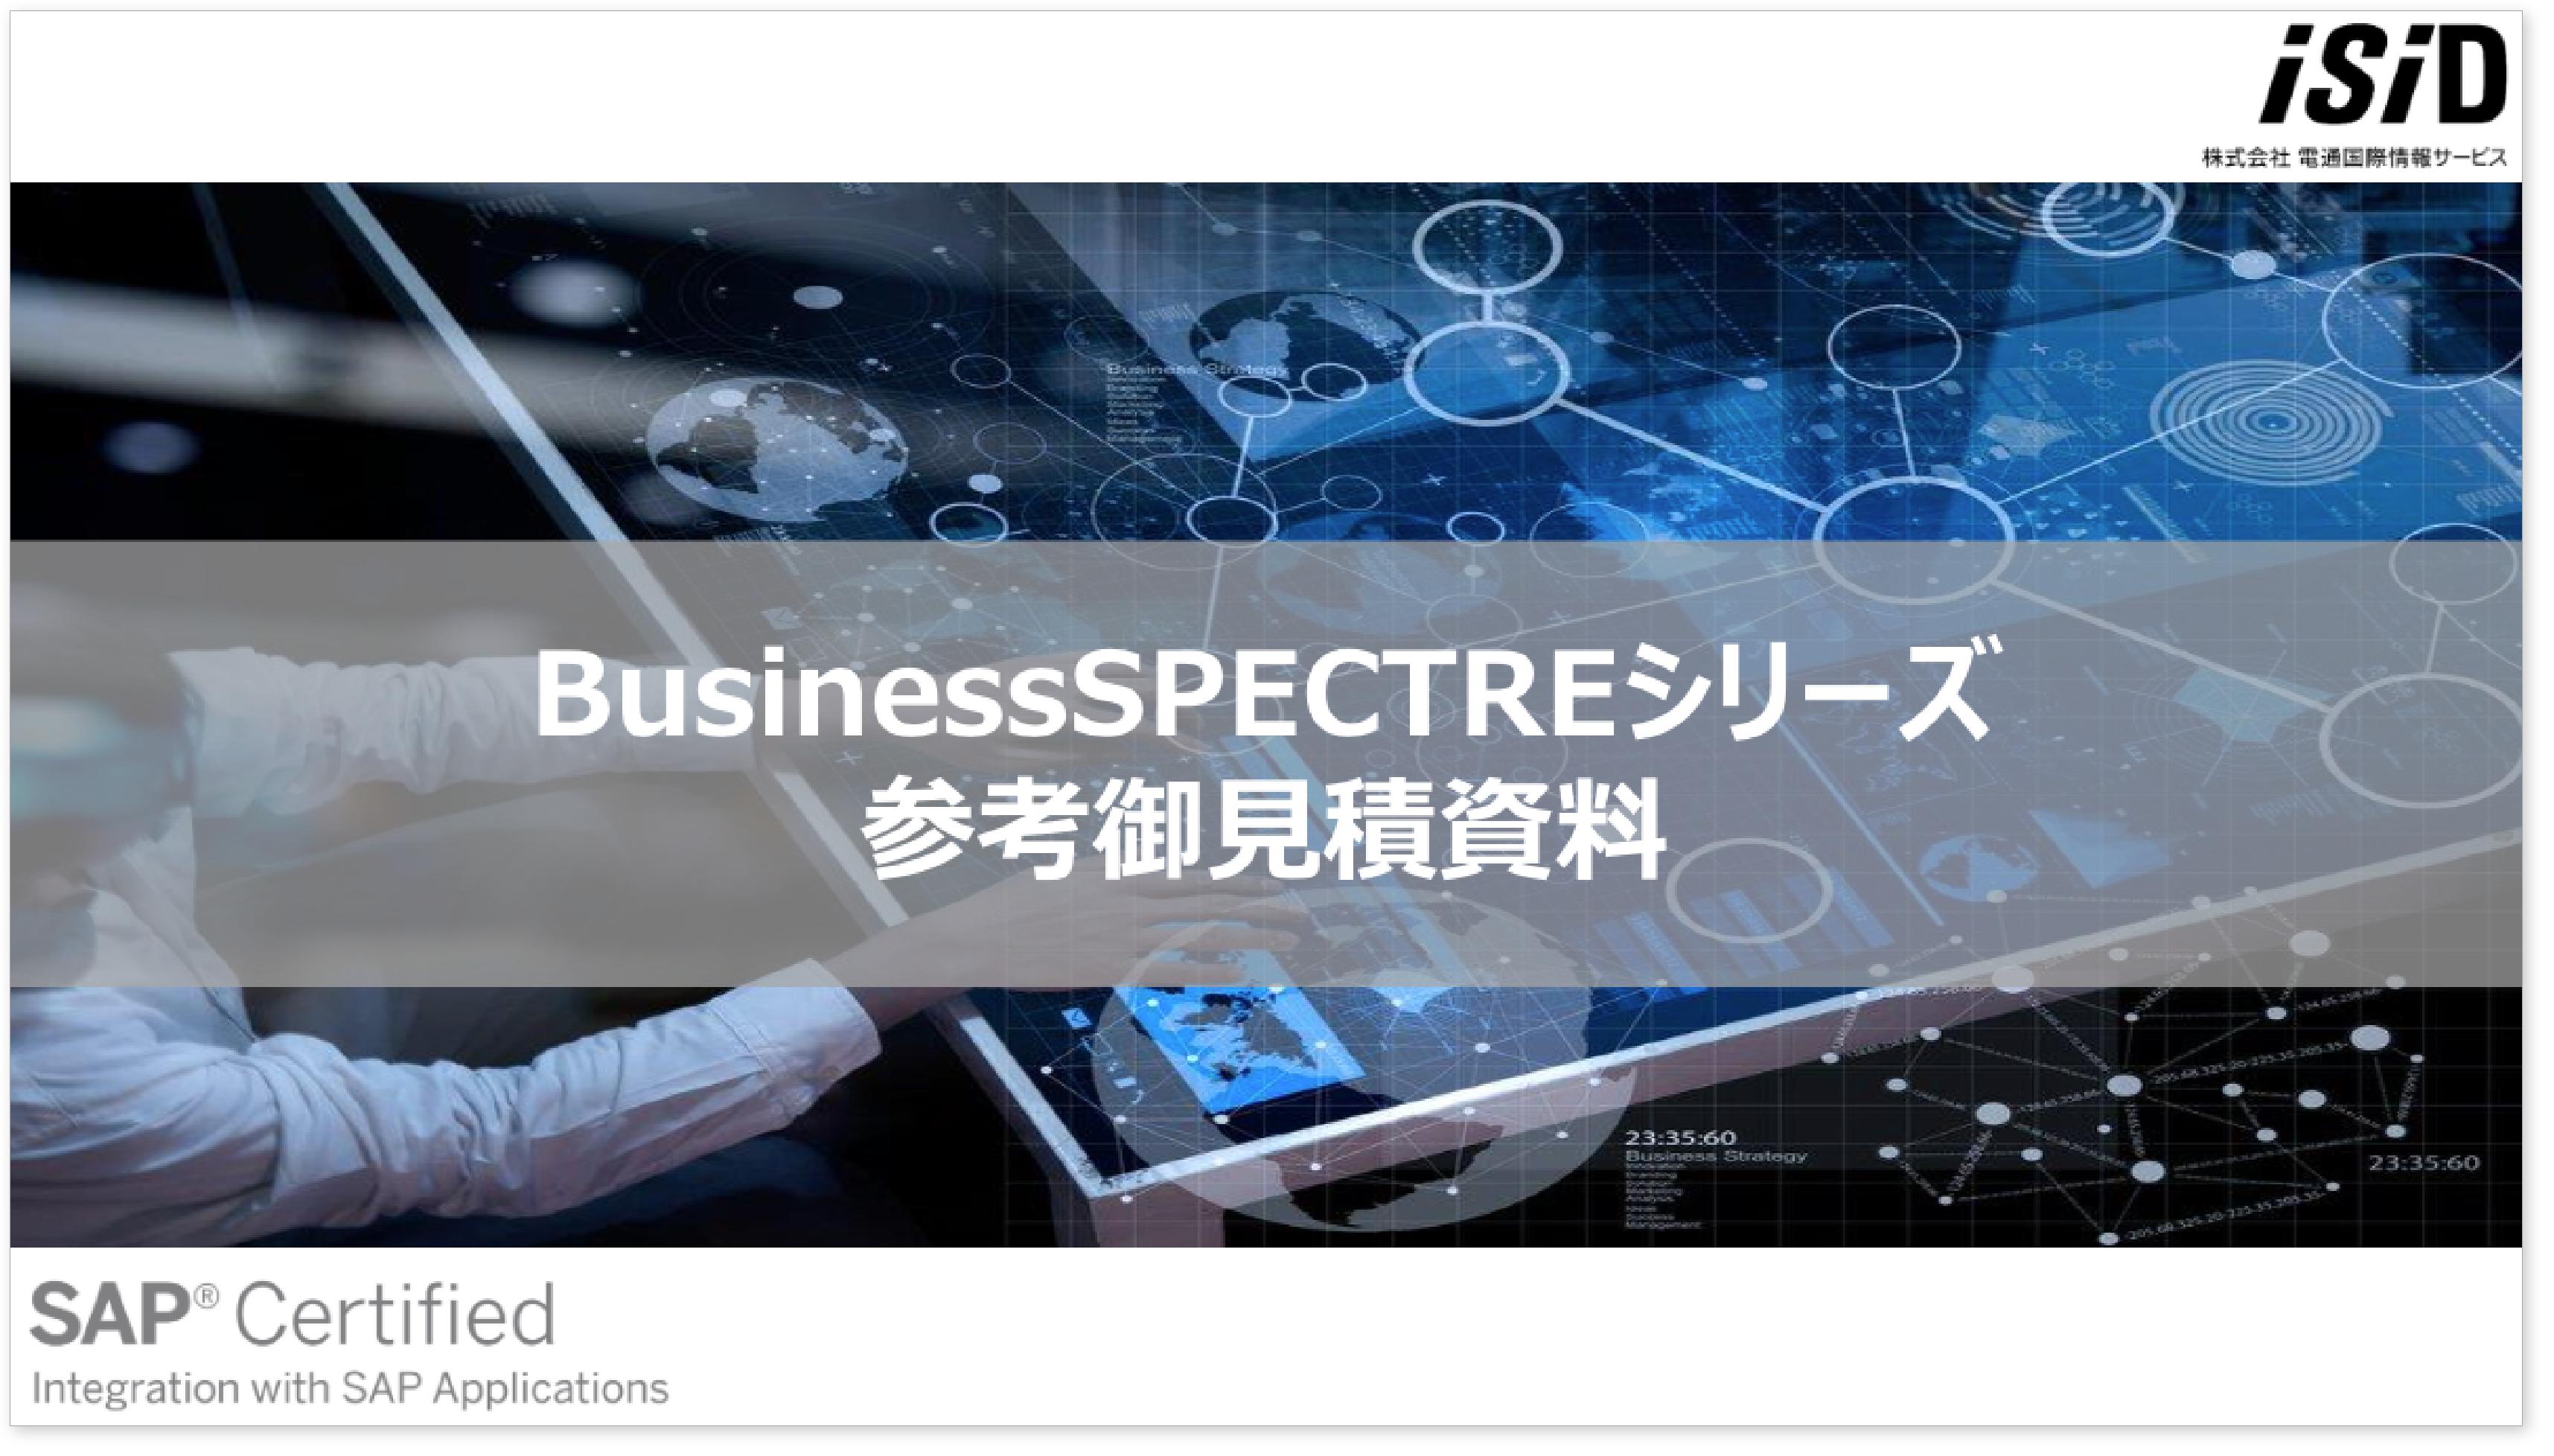 [参考御見積資料]BusinessSPECTREシリーズ